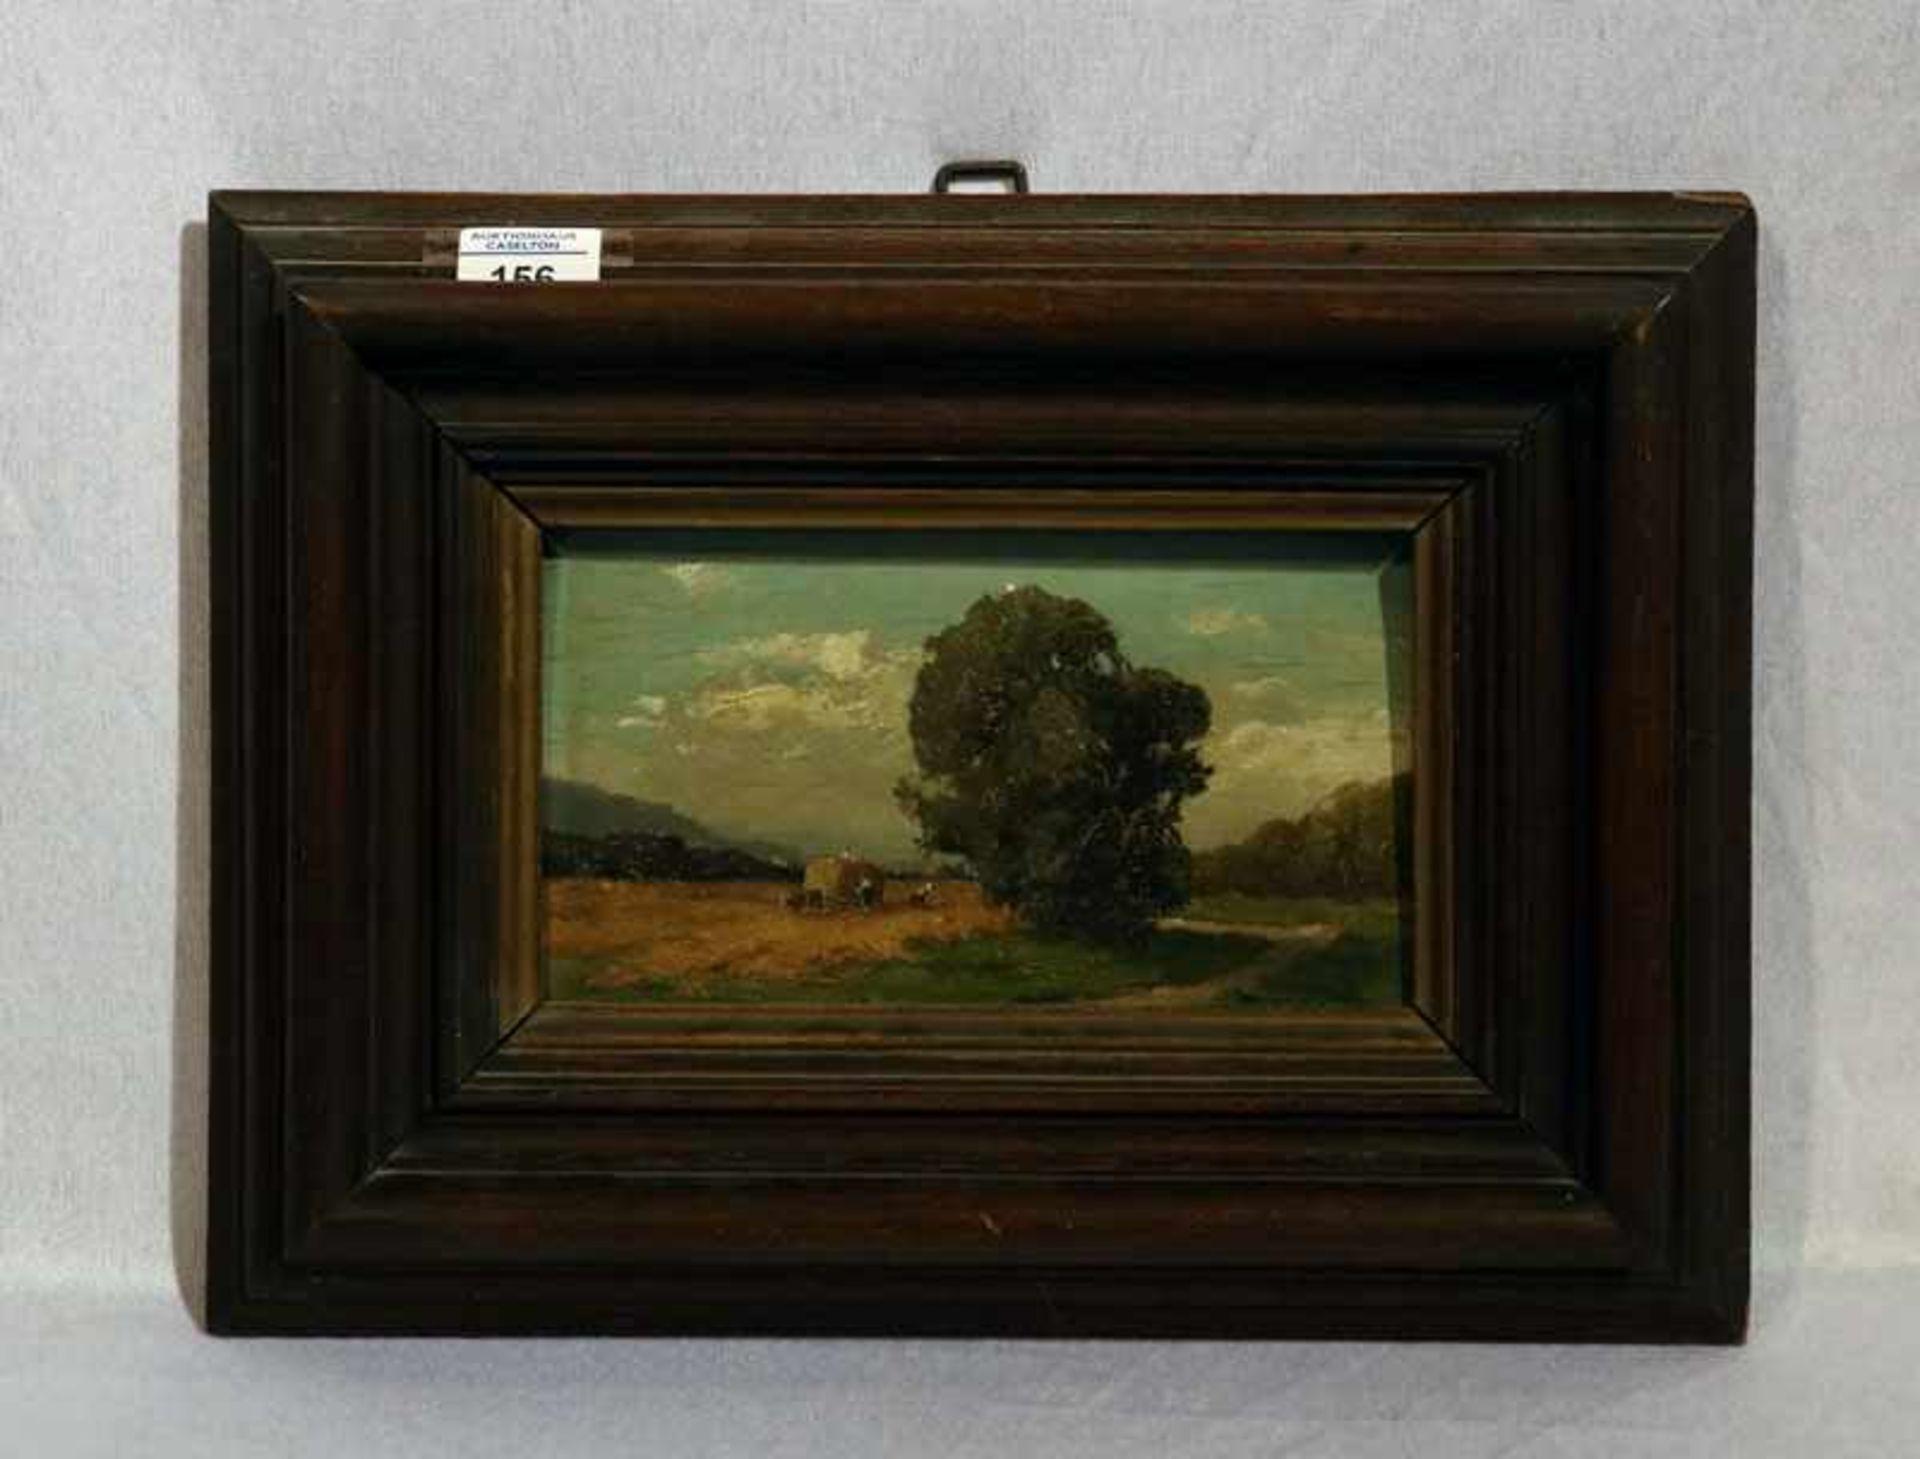 Los 156 - Gemälde ÖL/Malkarton ' Heuernte in Voralpenlandschaft', signiert Mühlbeck, Josef, 1878 Simbach am